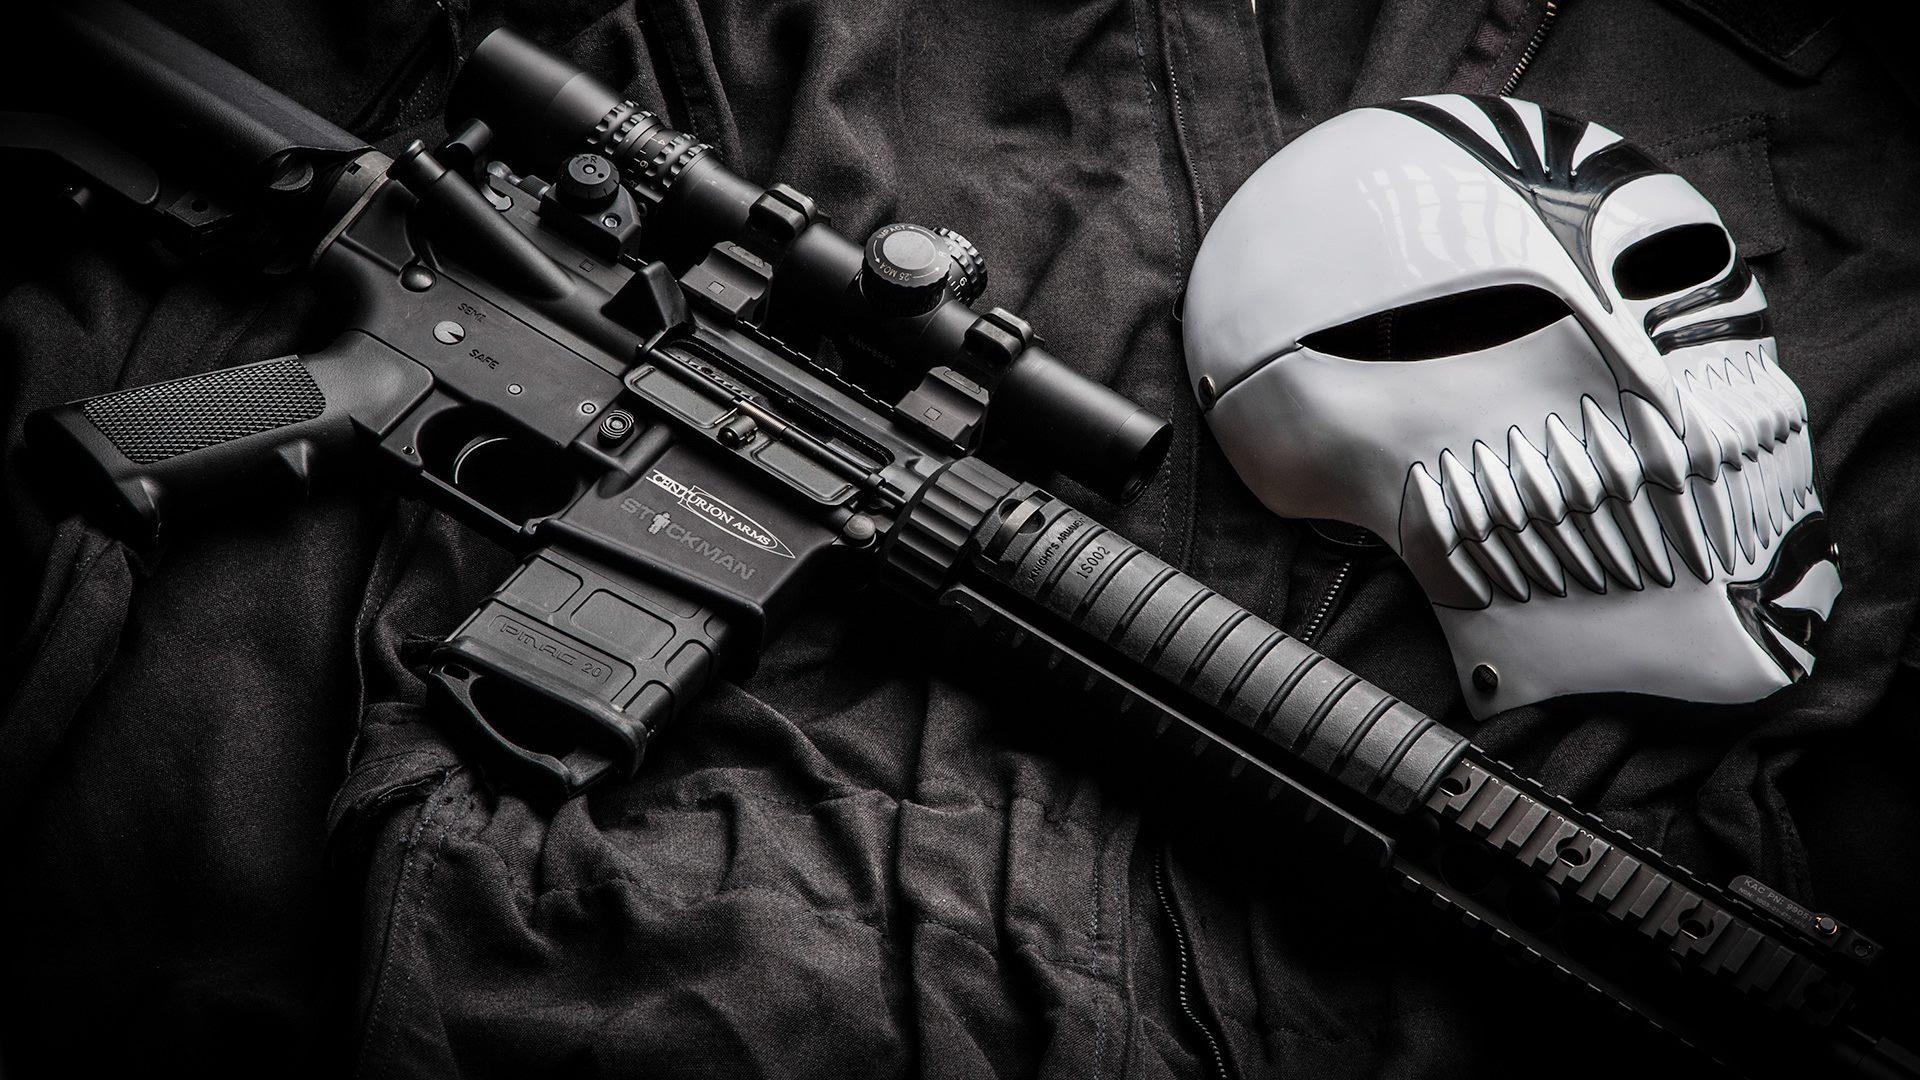 HD Weapons Wallpapers  WallpaperSafari